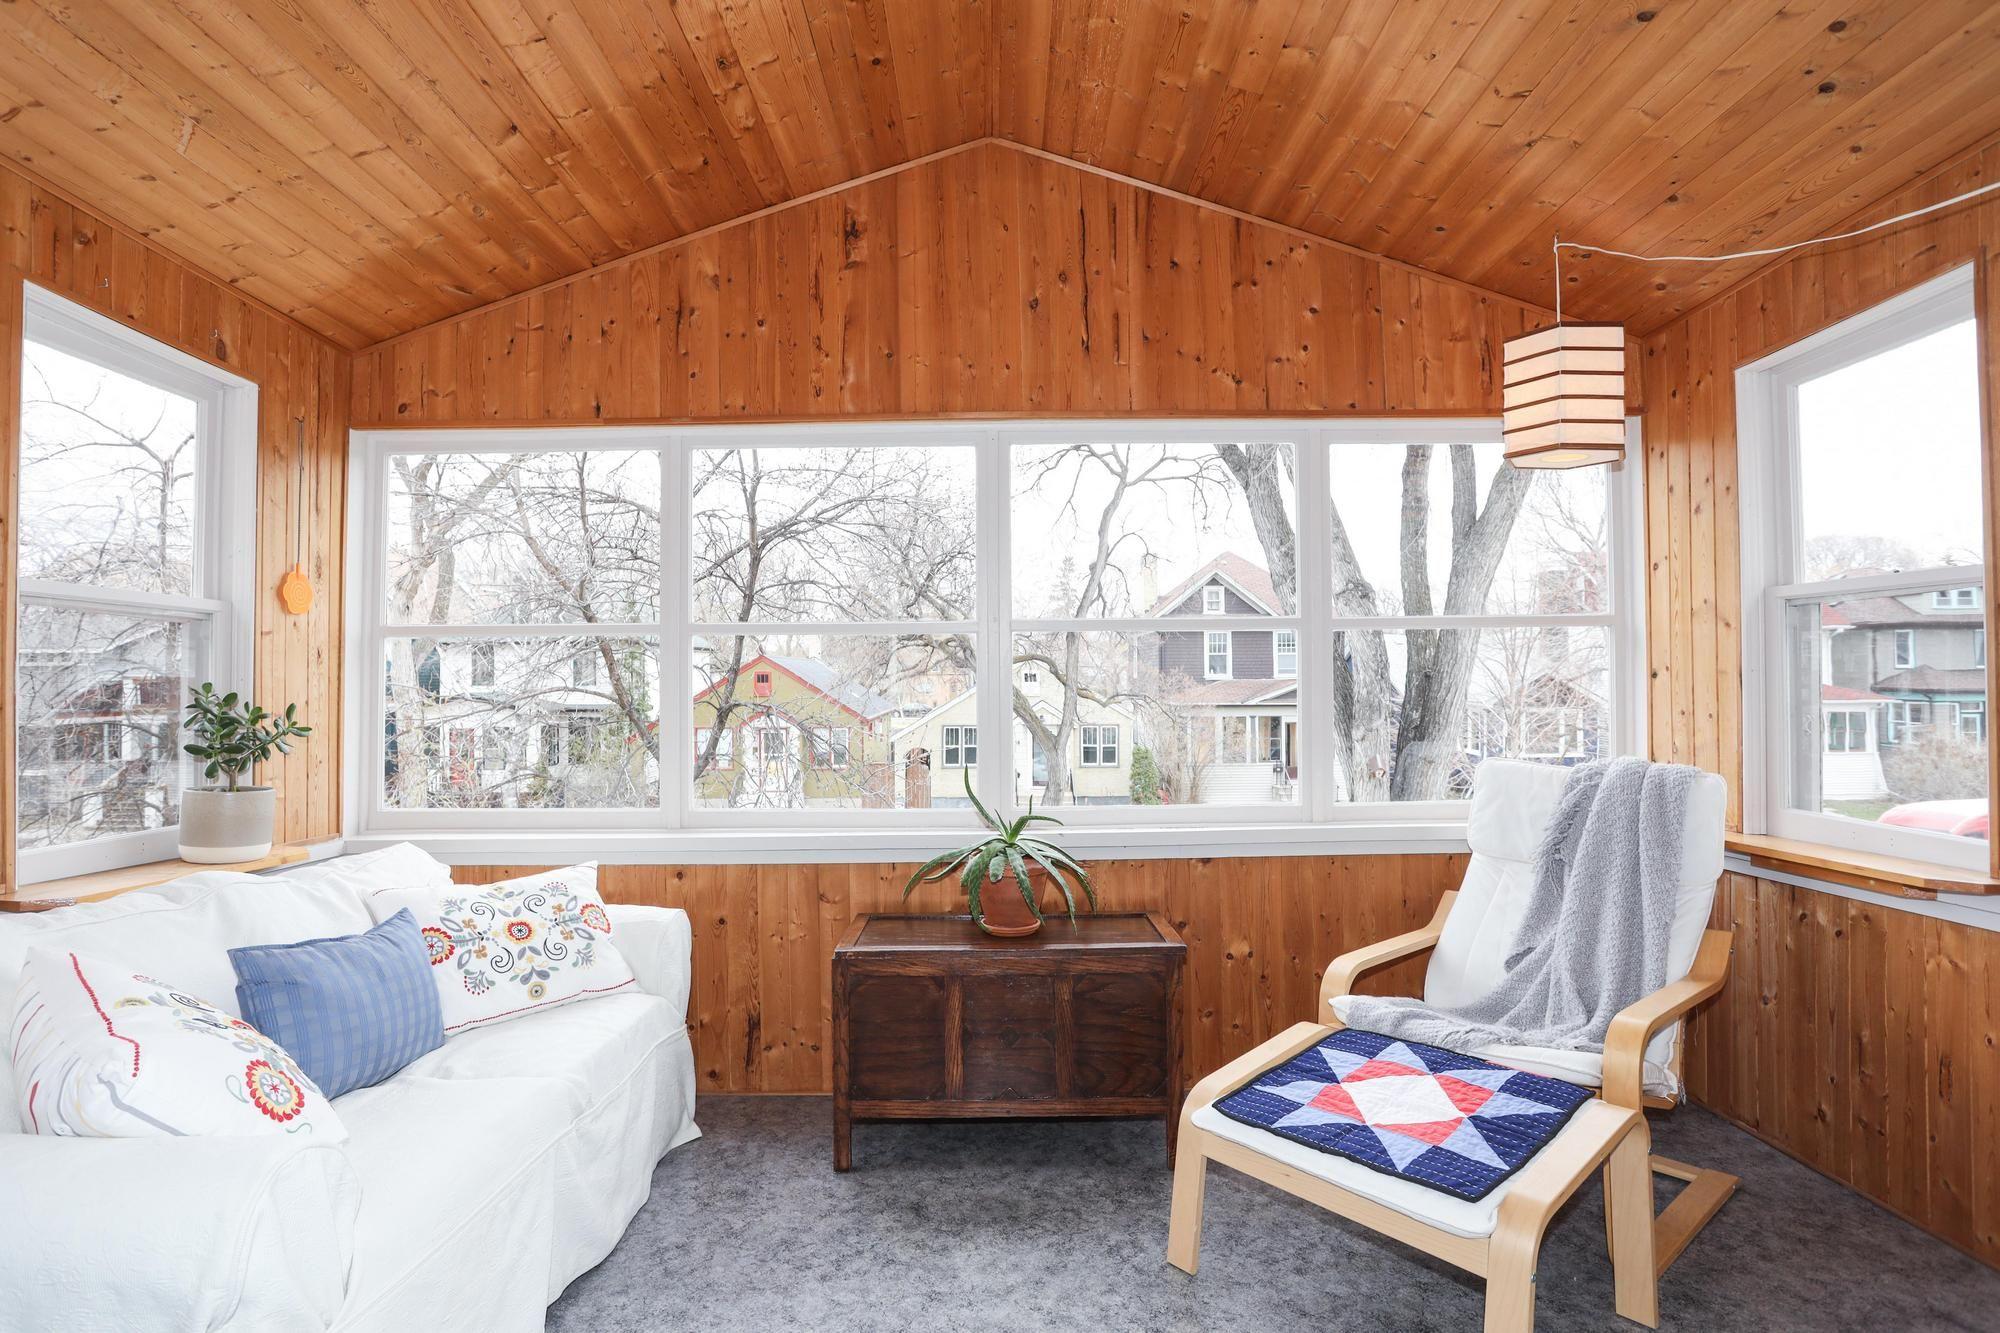 Photo 19: Photos: 35 Lipton Street in Winnipeg: Wolseley Single Family Detached for sale (5B)  : MLS®# 202110486